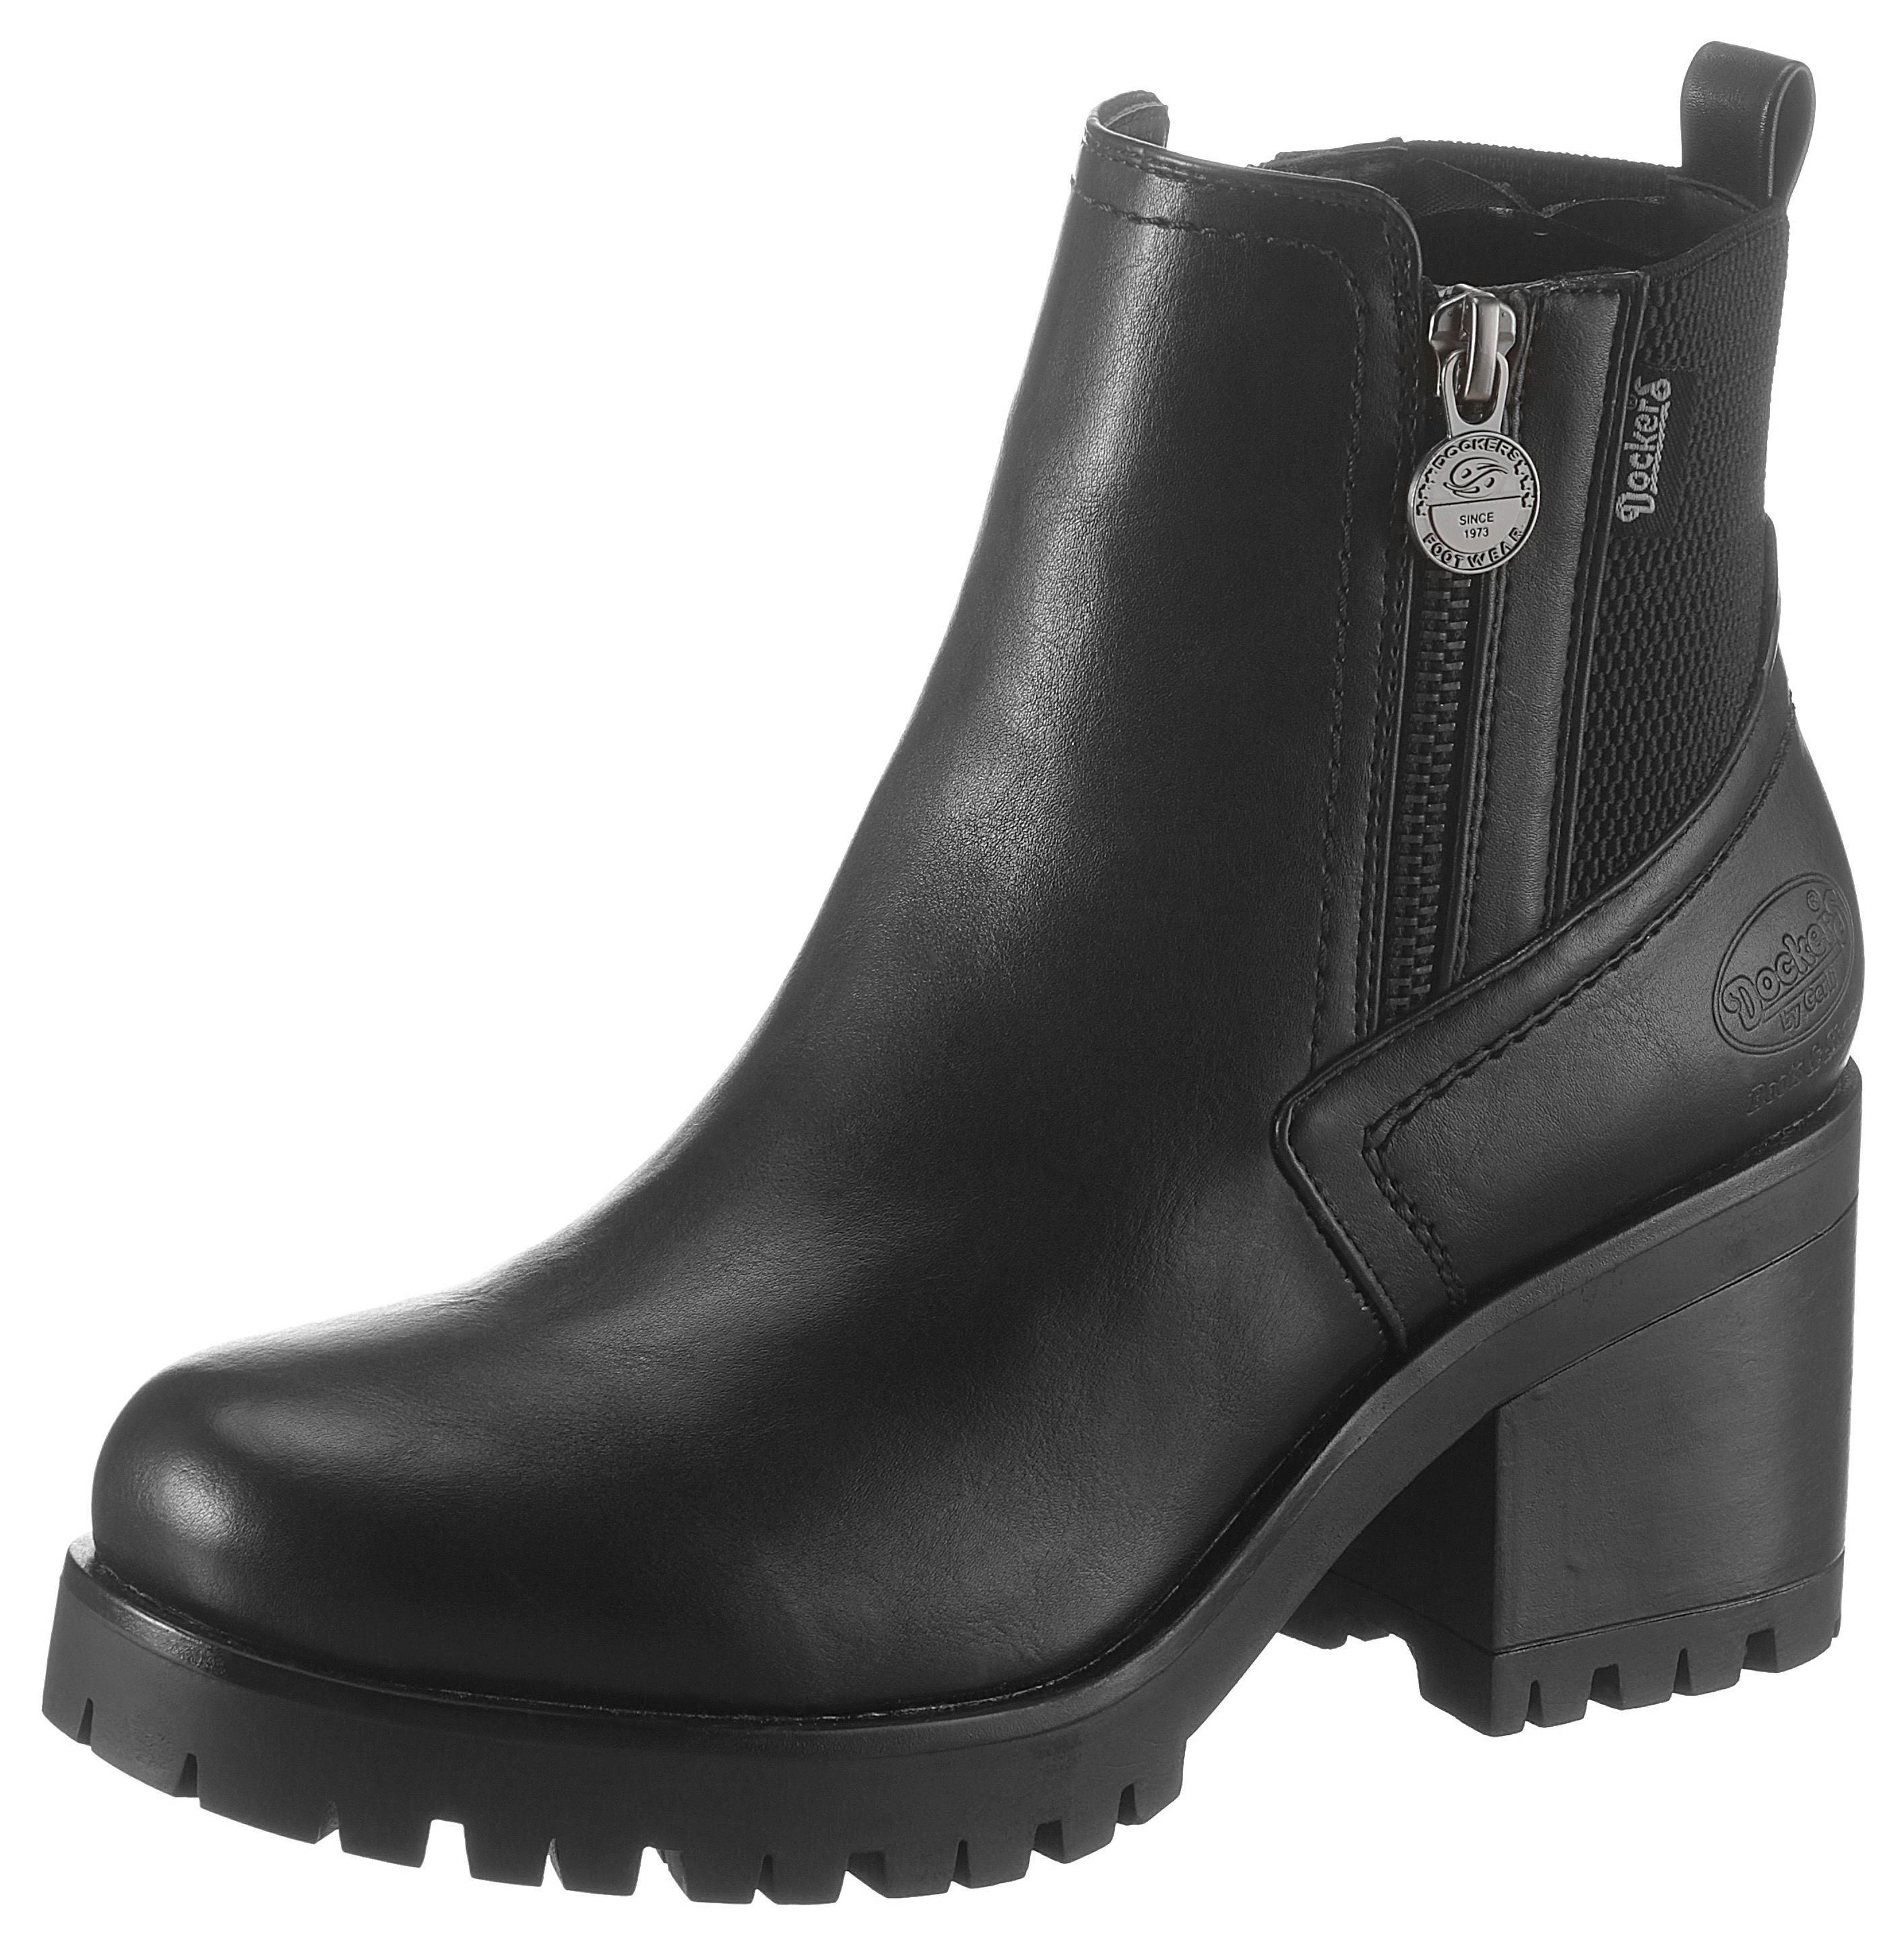 Dockers by Gerli chelsea-boots nu online kopen bij OTTO